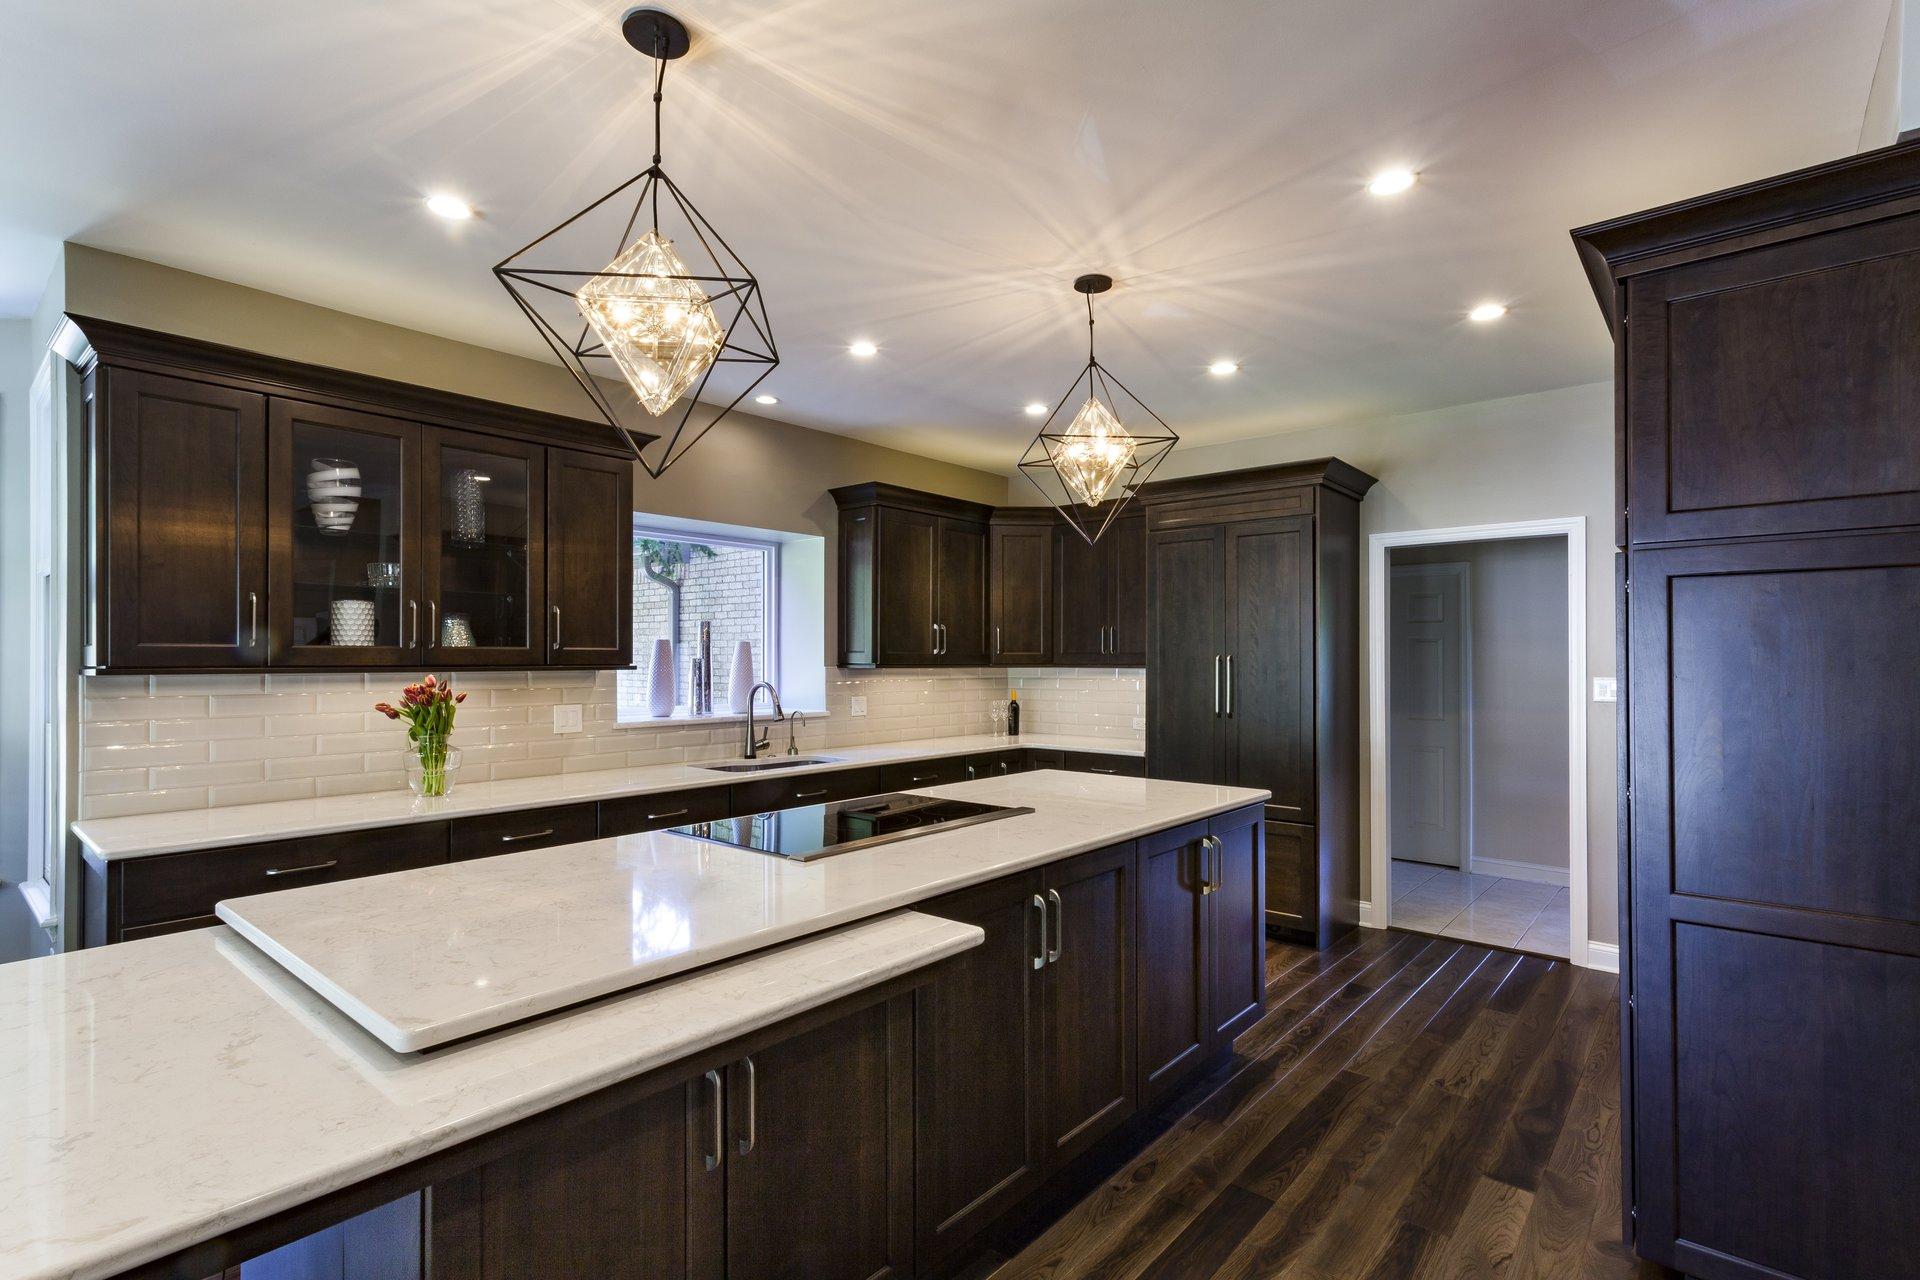 Jacob evans kitchen design remodeling pittsburgh pa for Kitchen remodeling pittsburgh pa